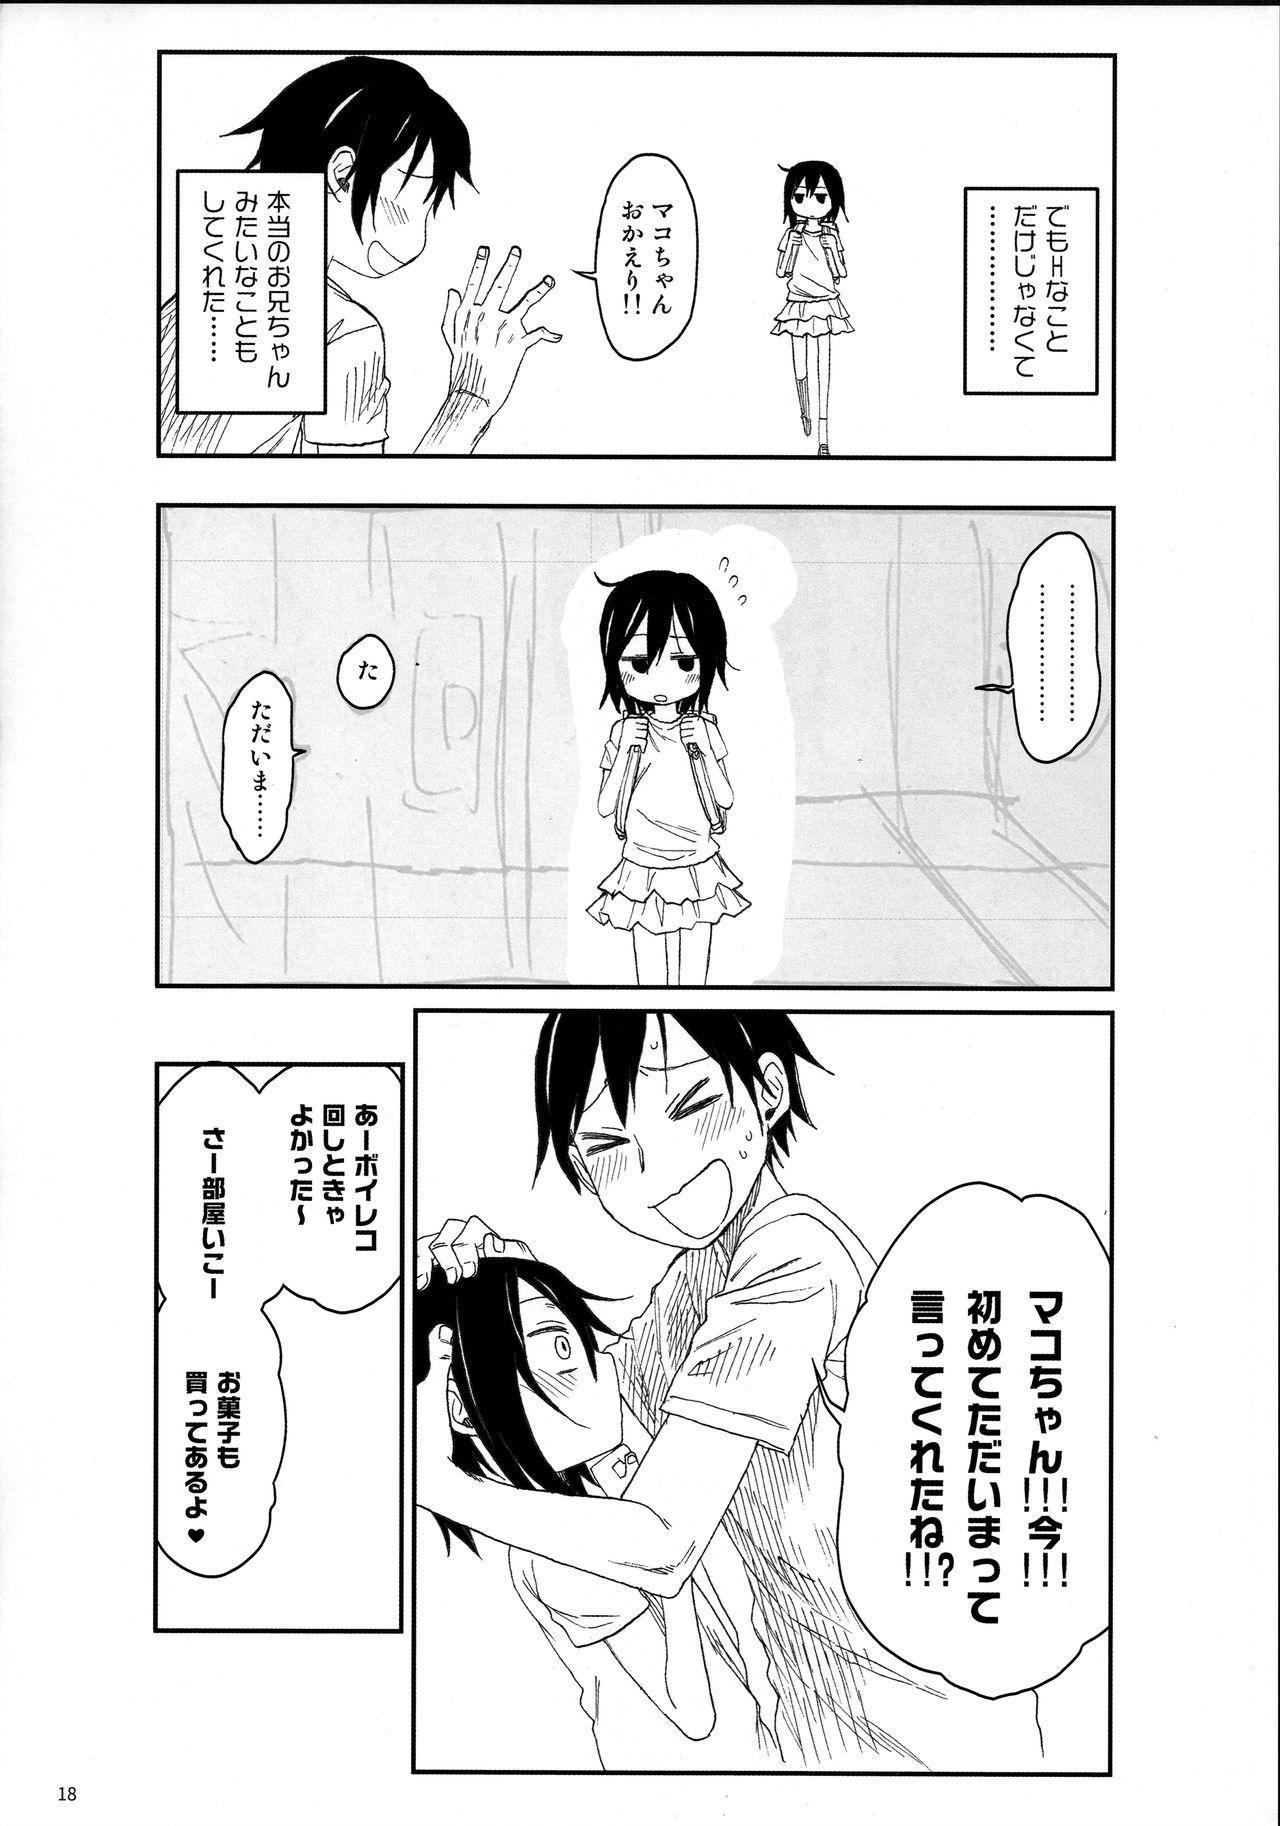 Tonari no Mako-chan Vol. 3 17